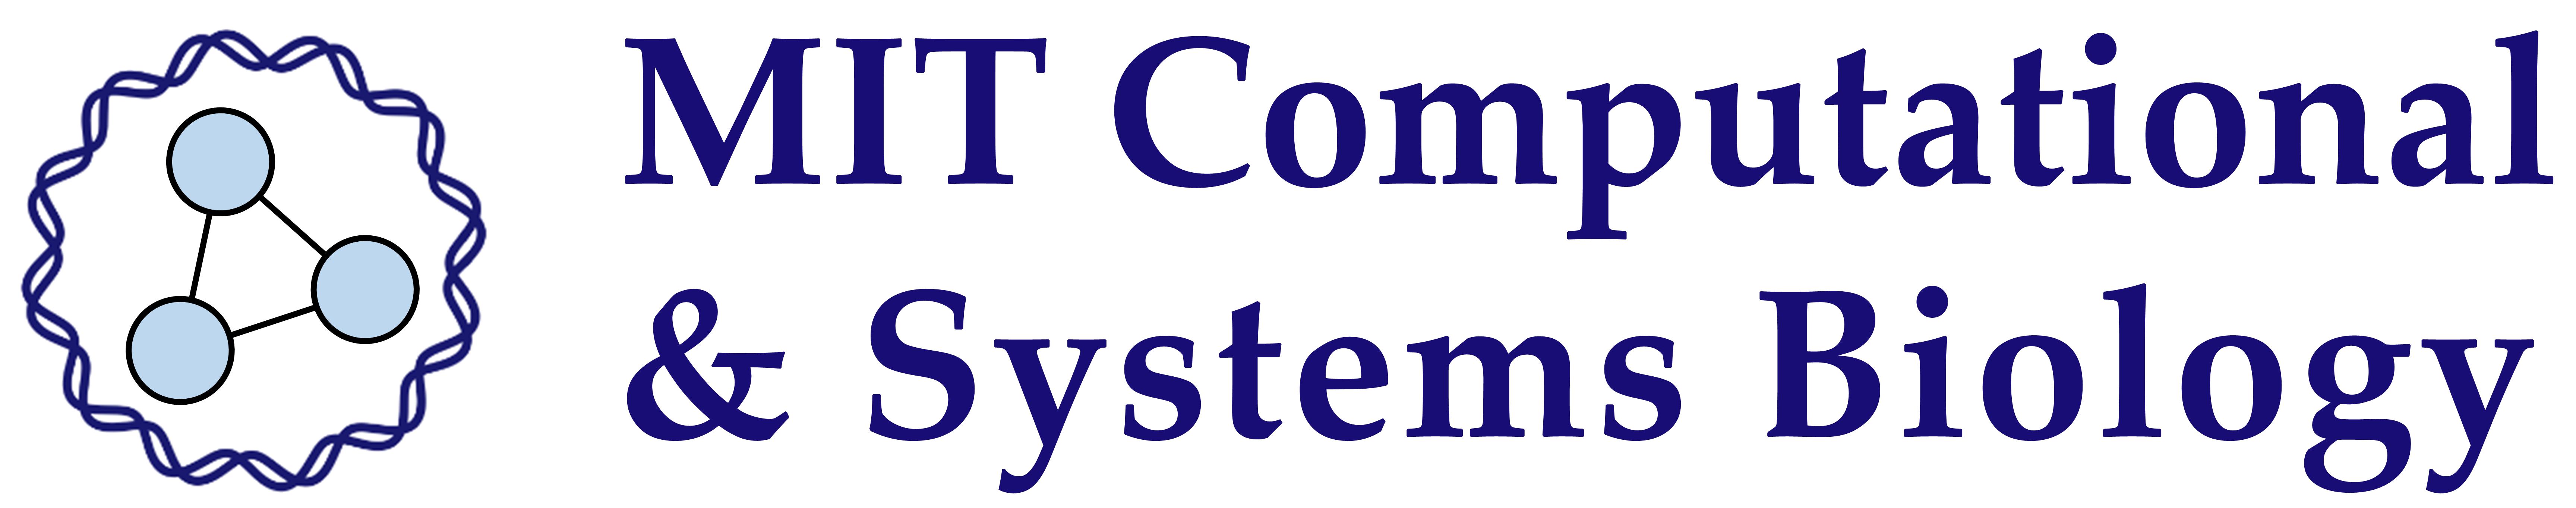 csbphd logo